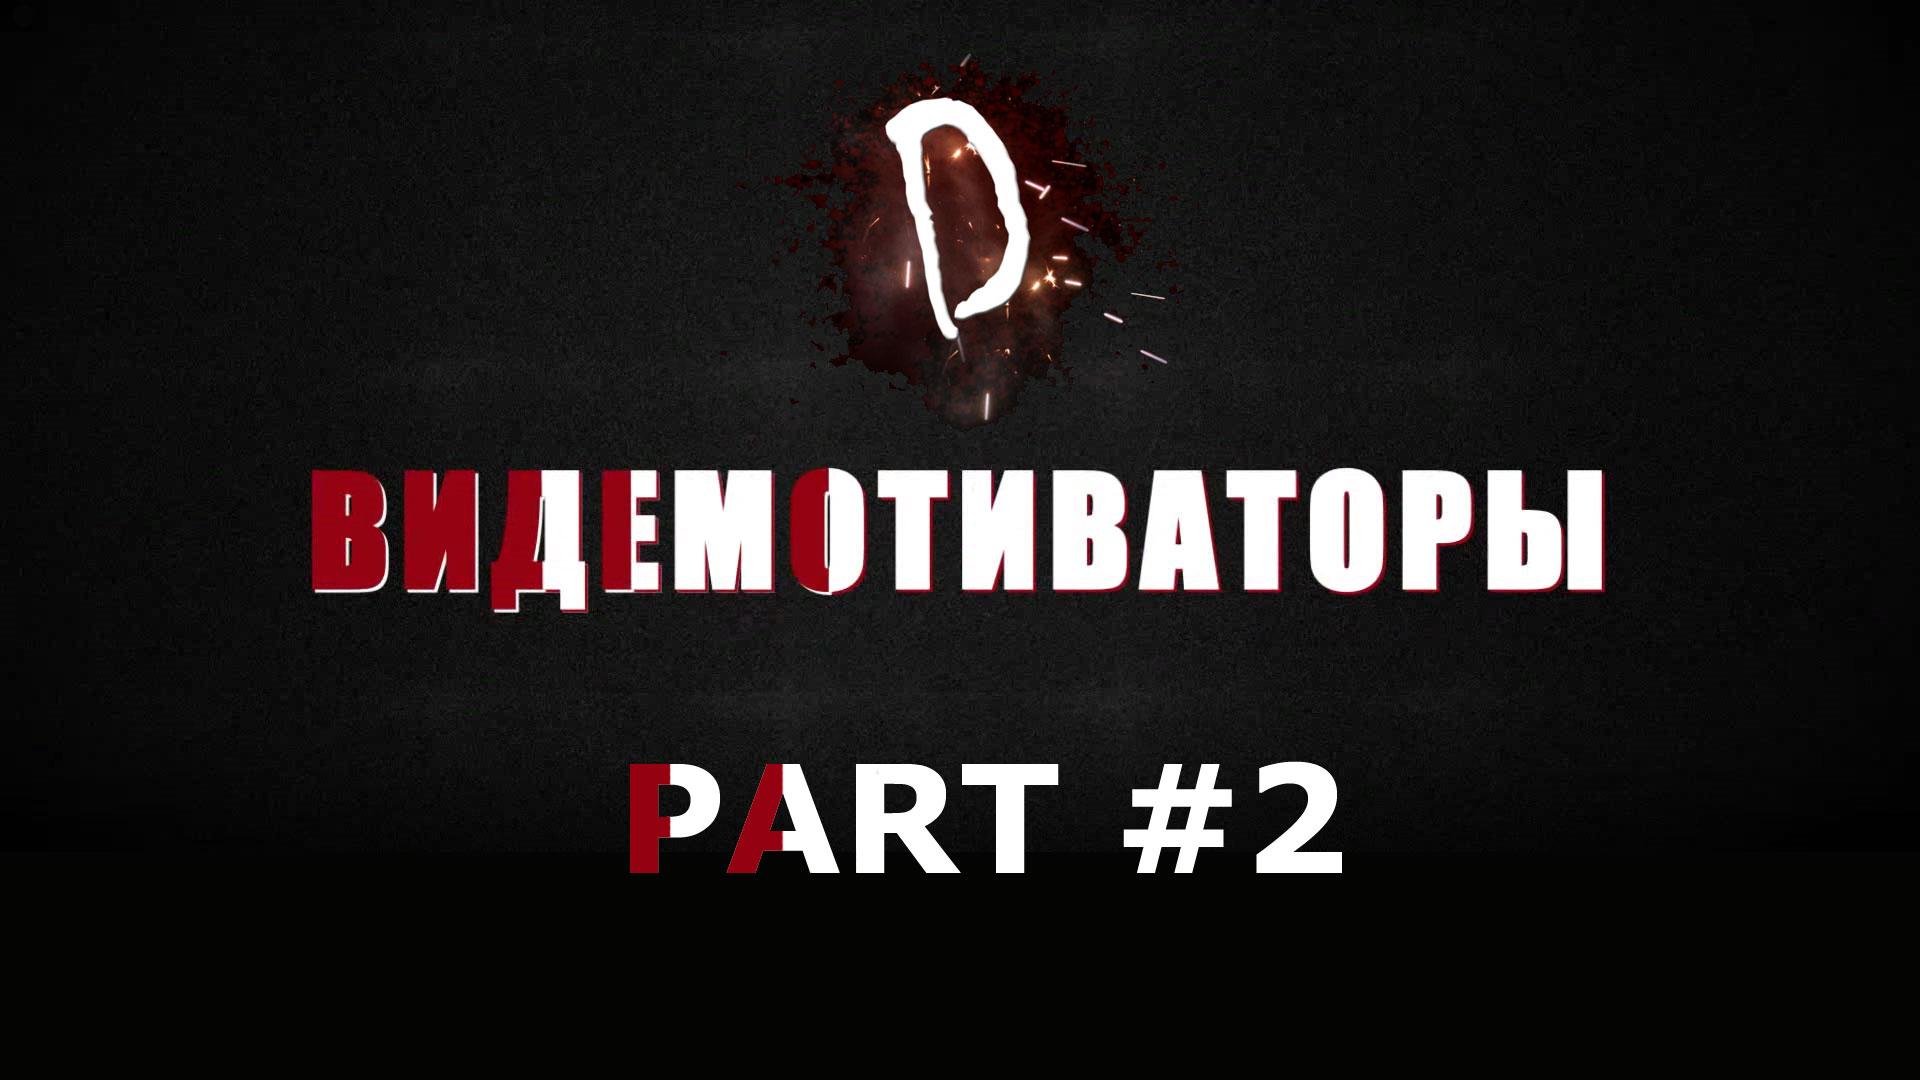 Видемотиваторы part #2